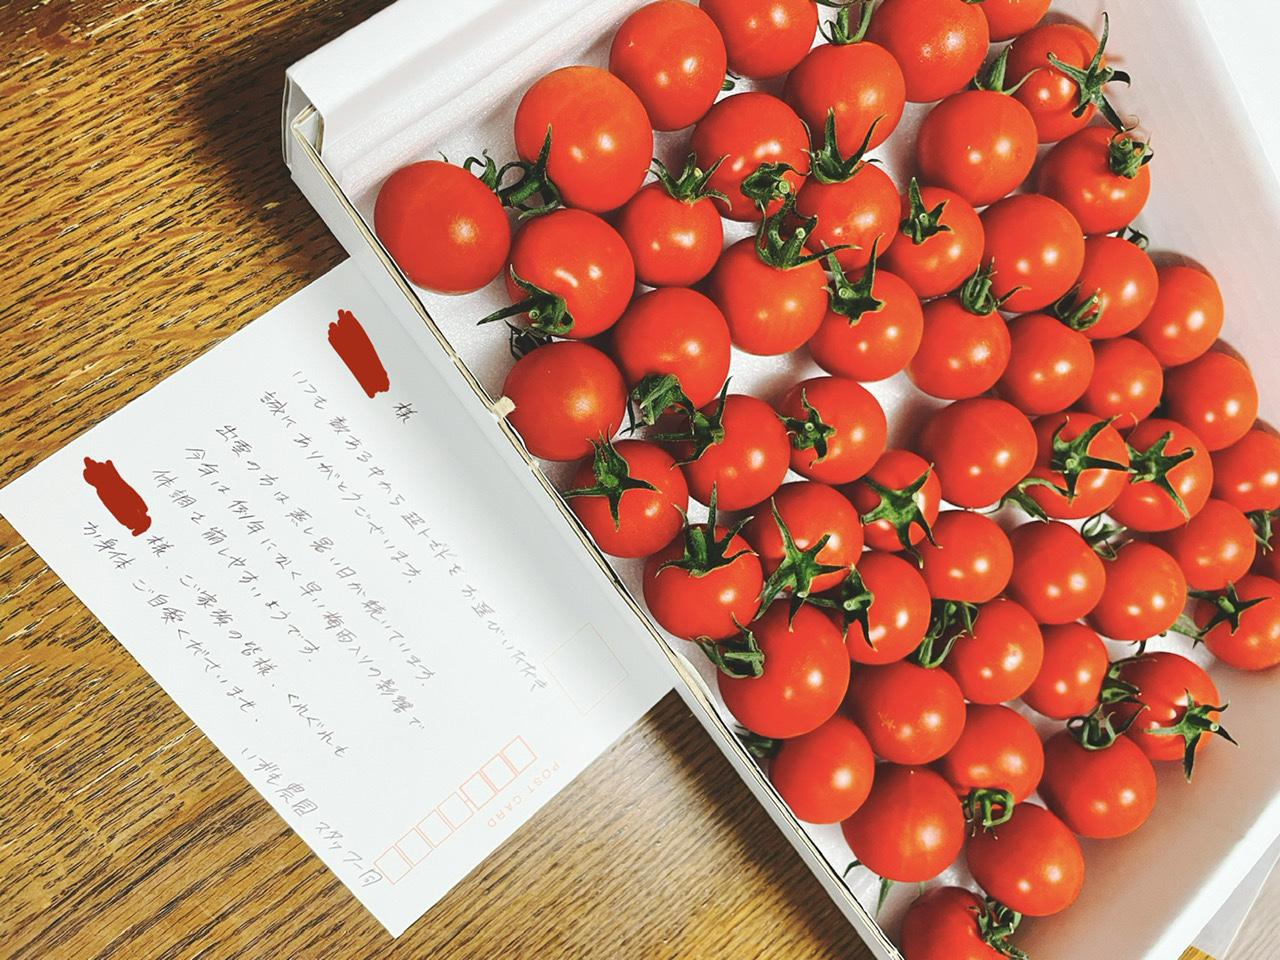 トマトに添えられたメッセージカード